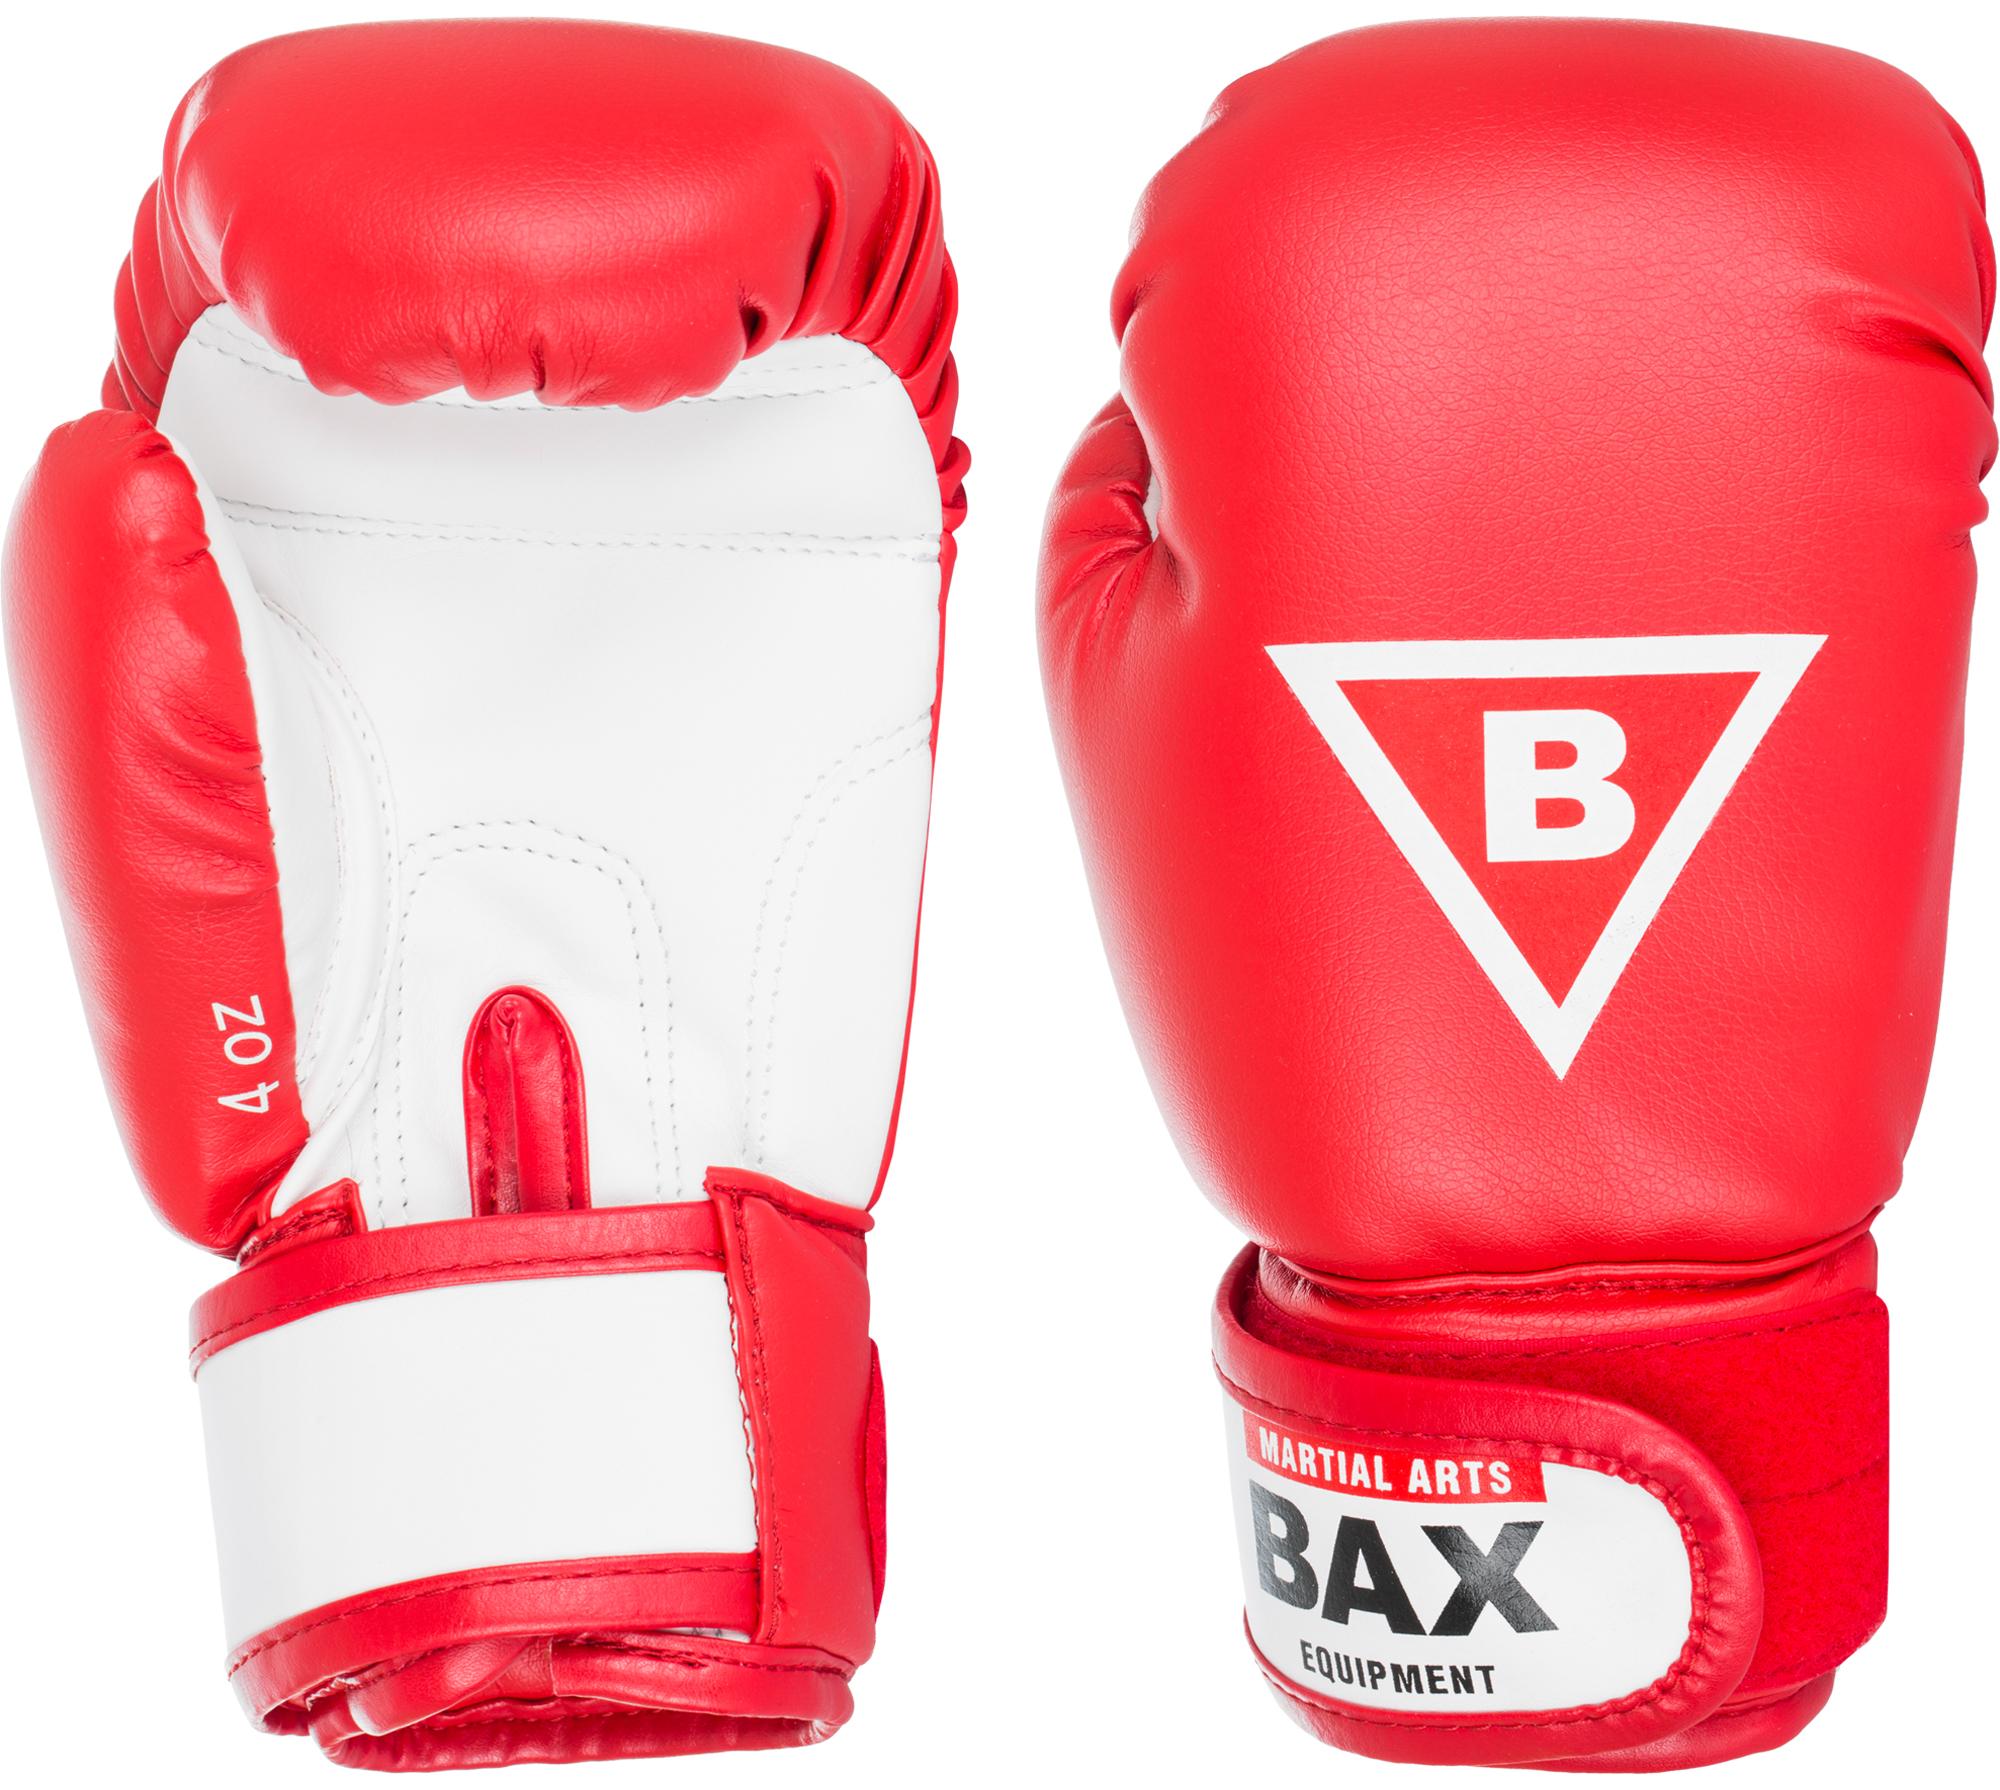 Bax Перчатки боксерские детские BAX боксерские перчатки в магазинах москвы